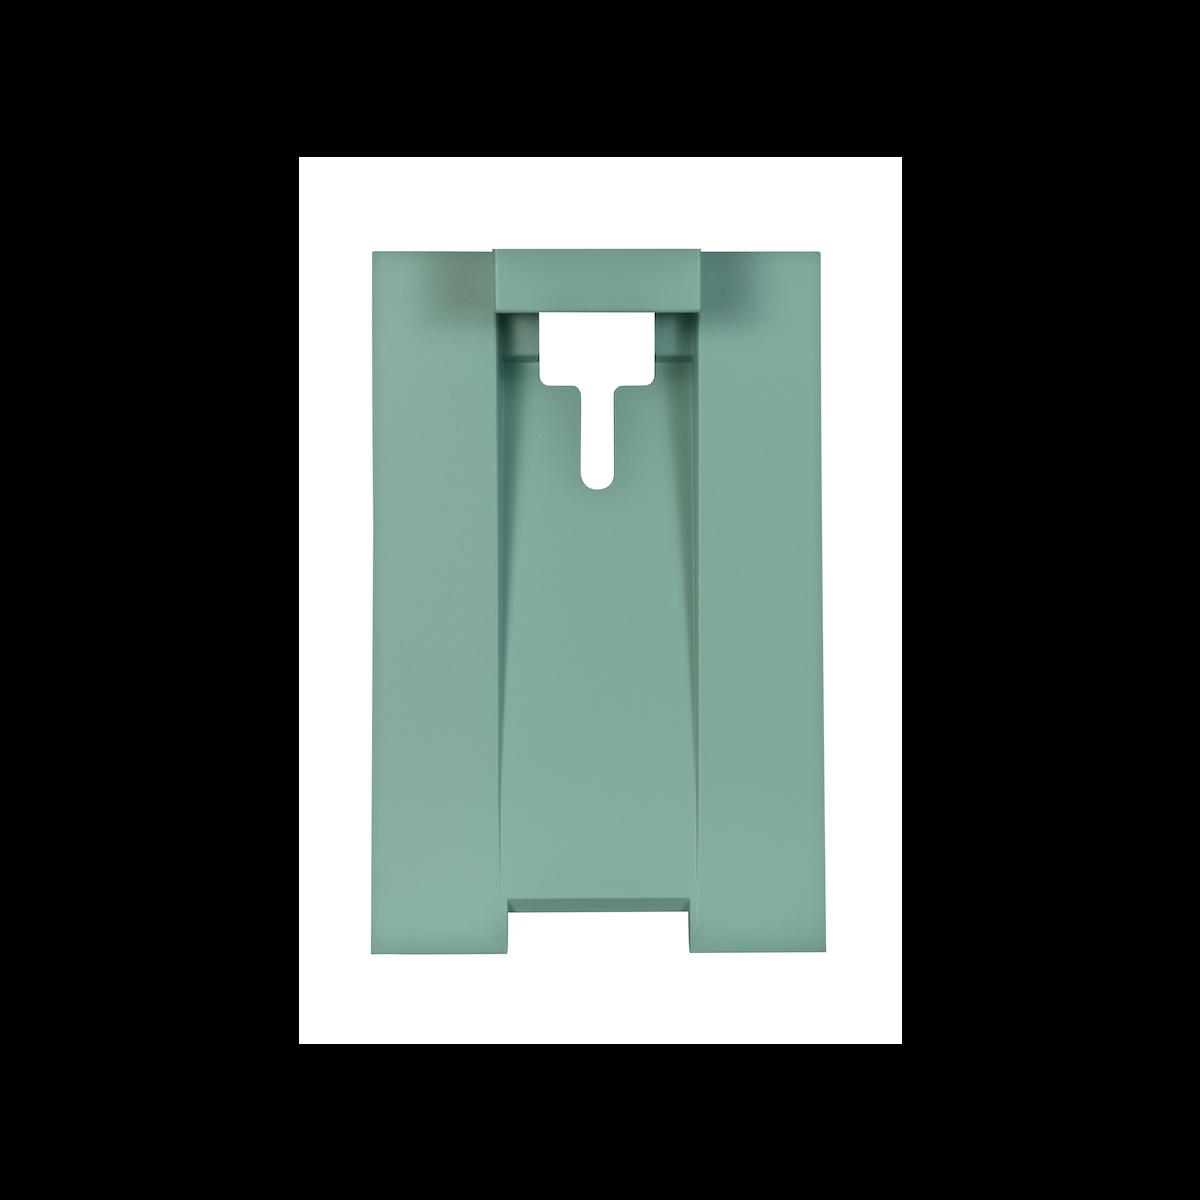 Front mint